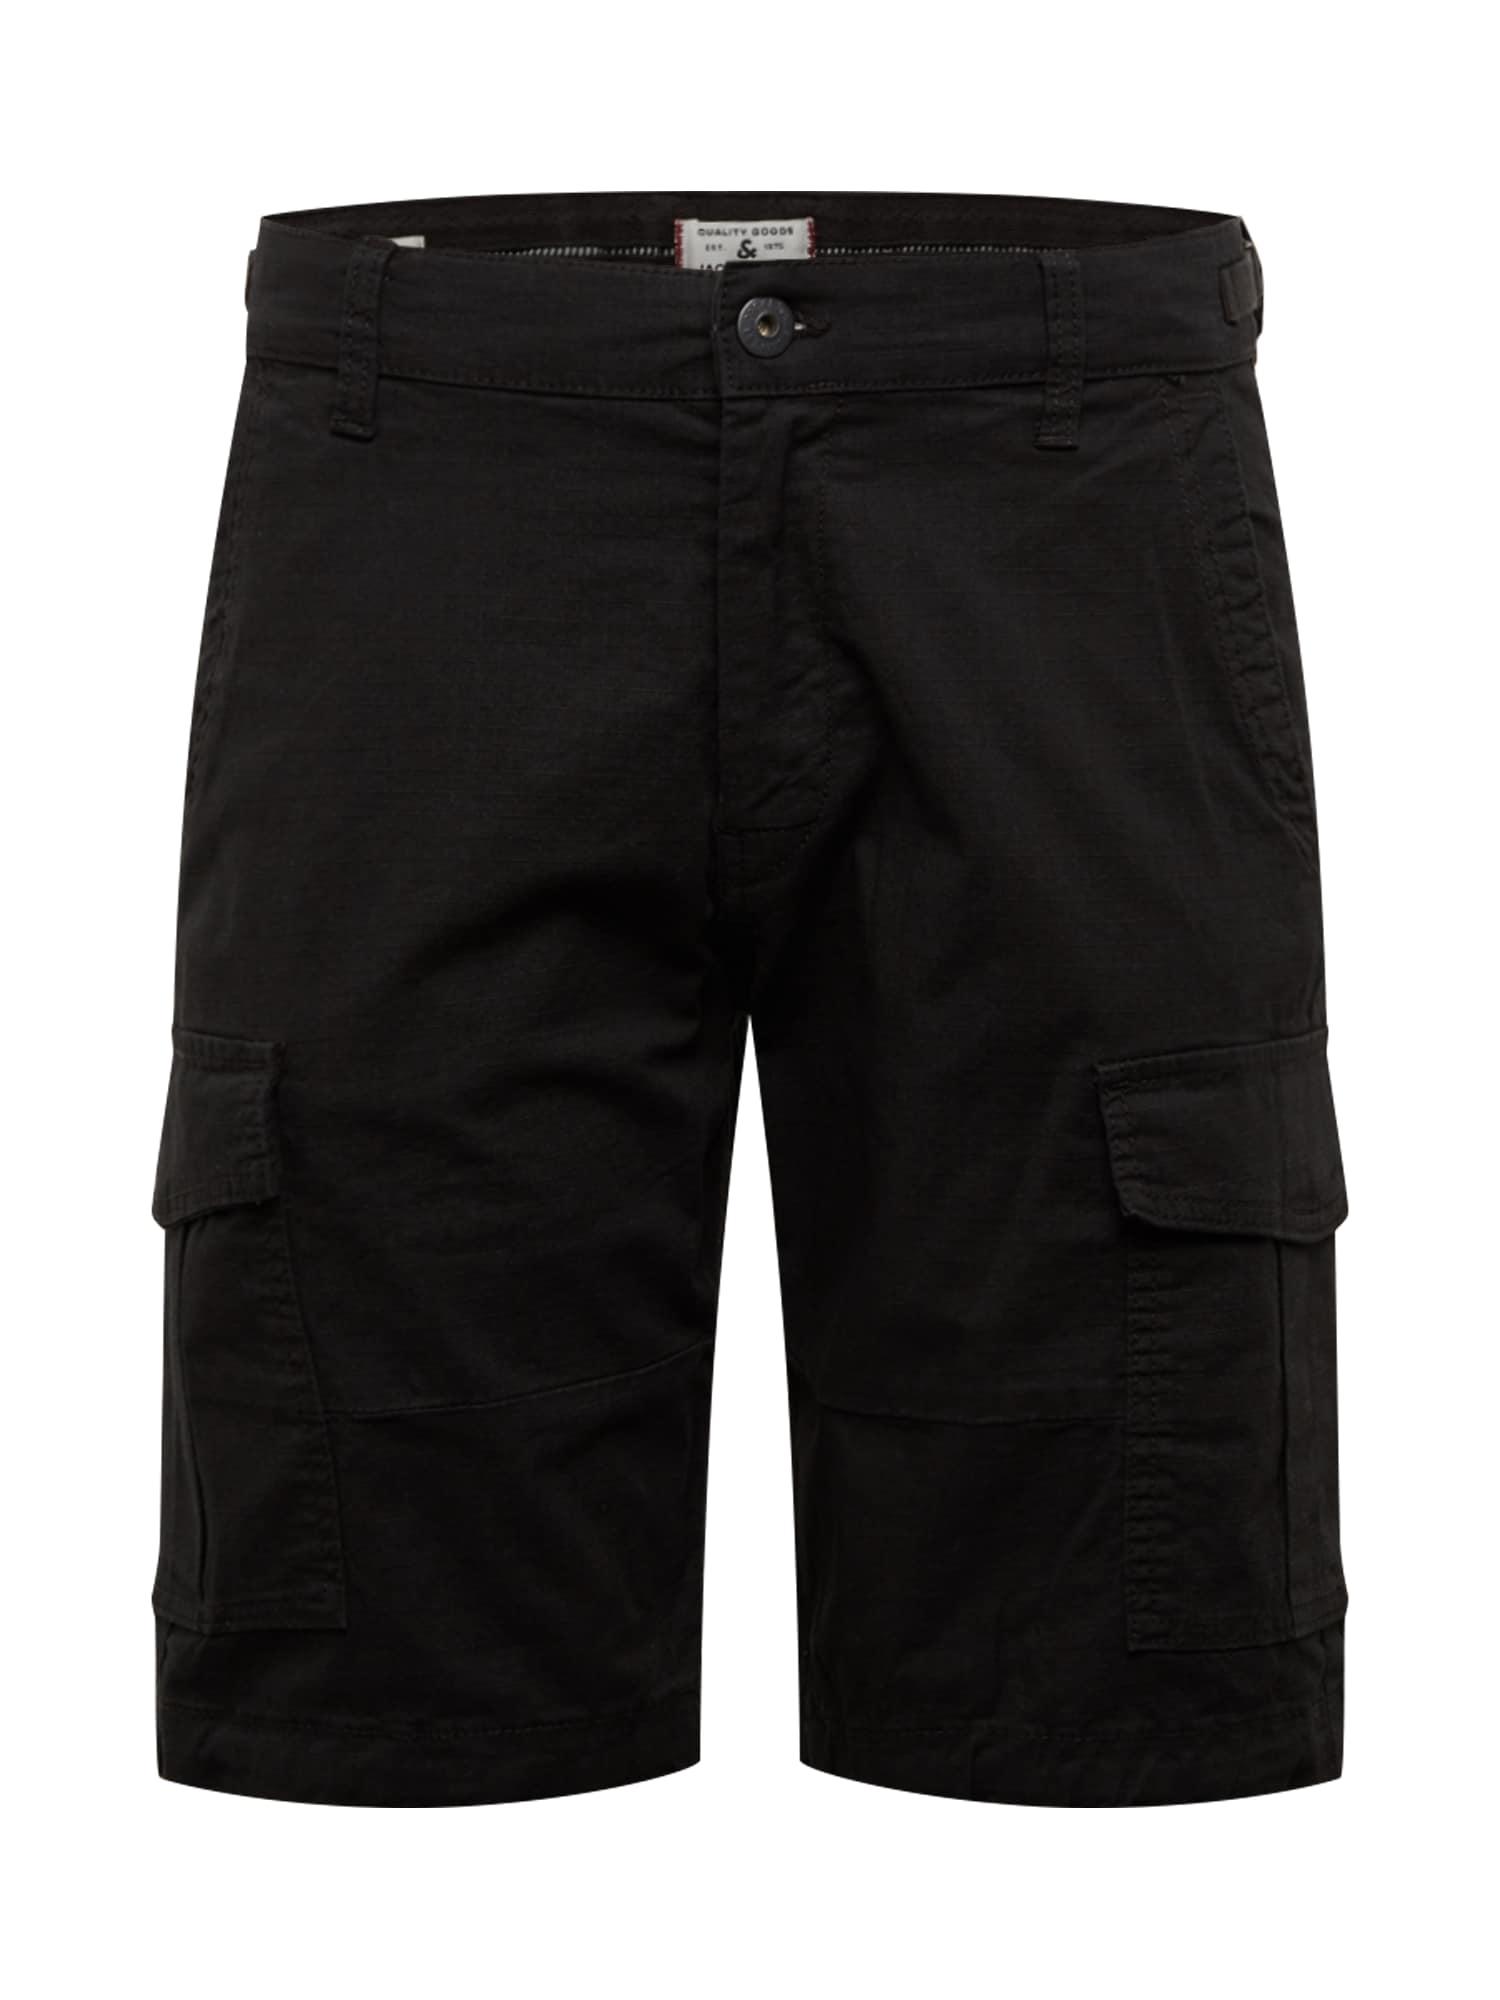 JACK & JONES Laisvo stiliaus kelnės 'Alfa' juoda